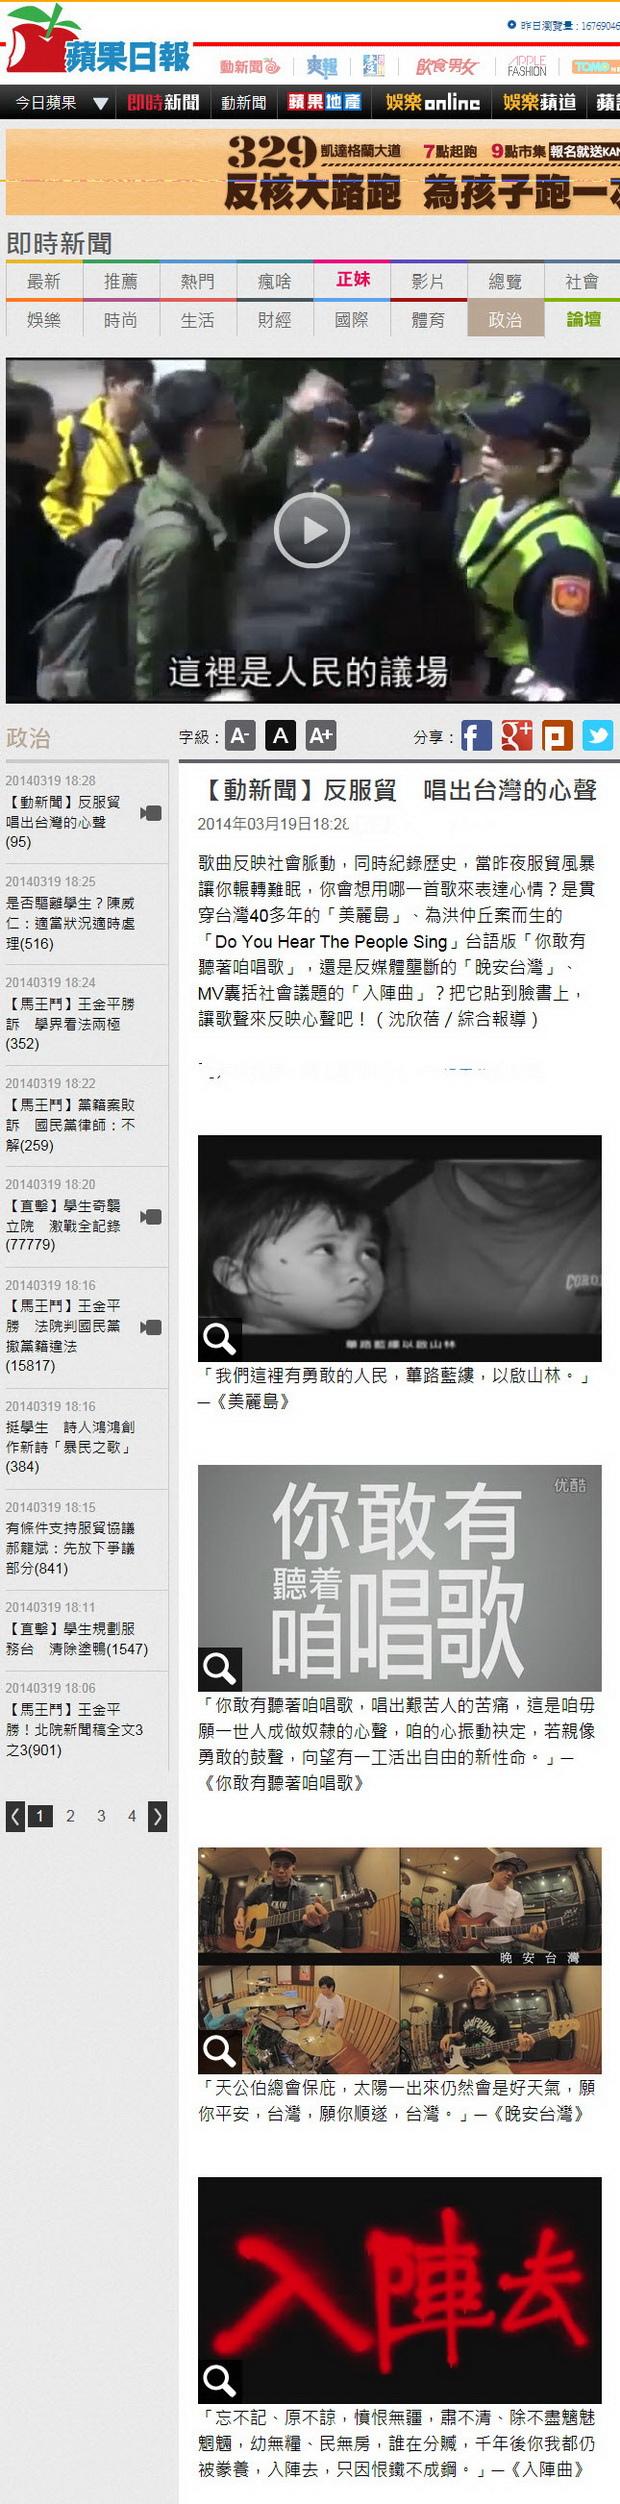 反服貿 唱出台灣的心聲-2014.03.19.jpg